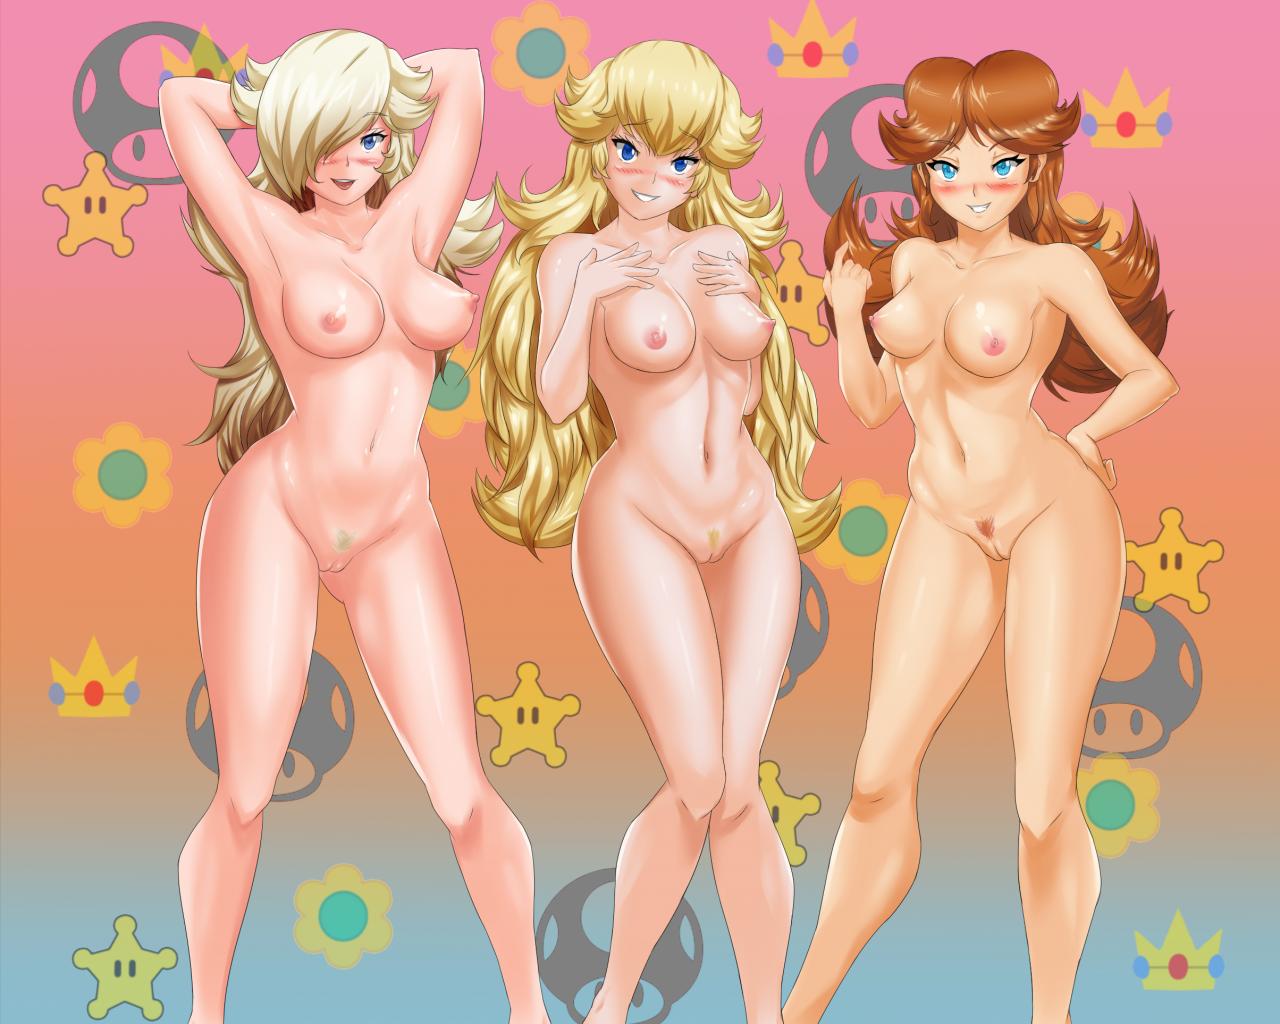 princess daisy+princess peach+princess rosalina